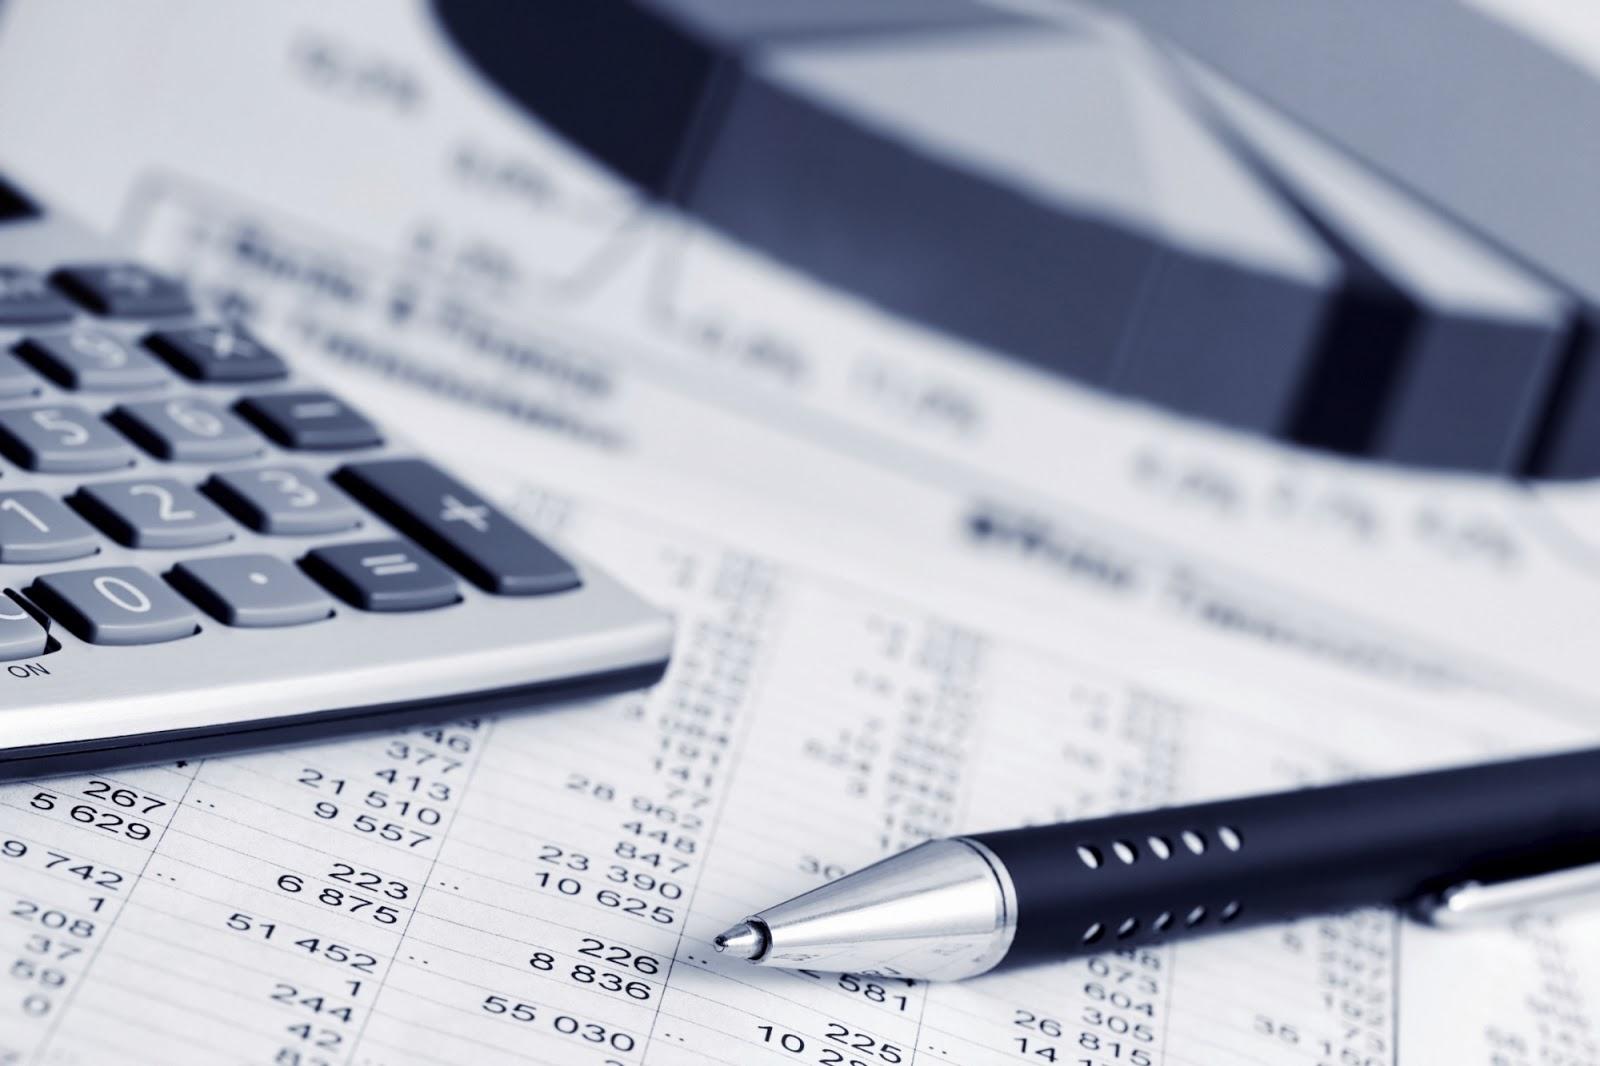 Hồ sơ vay vốn ngân hàng cần những gì? Người dân nào cũng cần phải biết